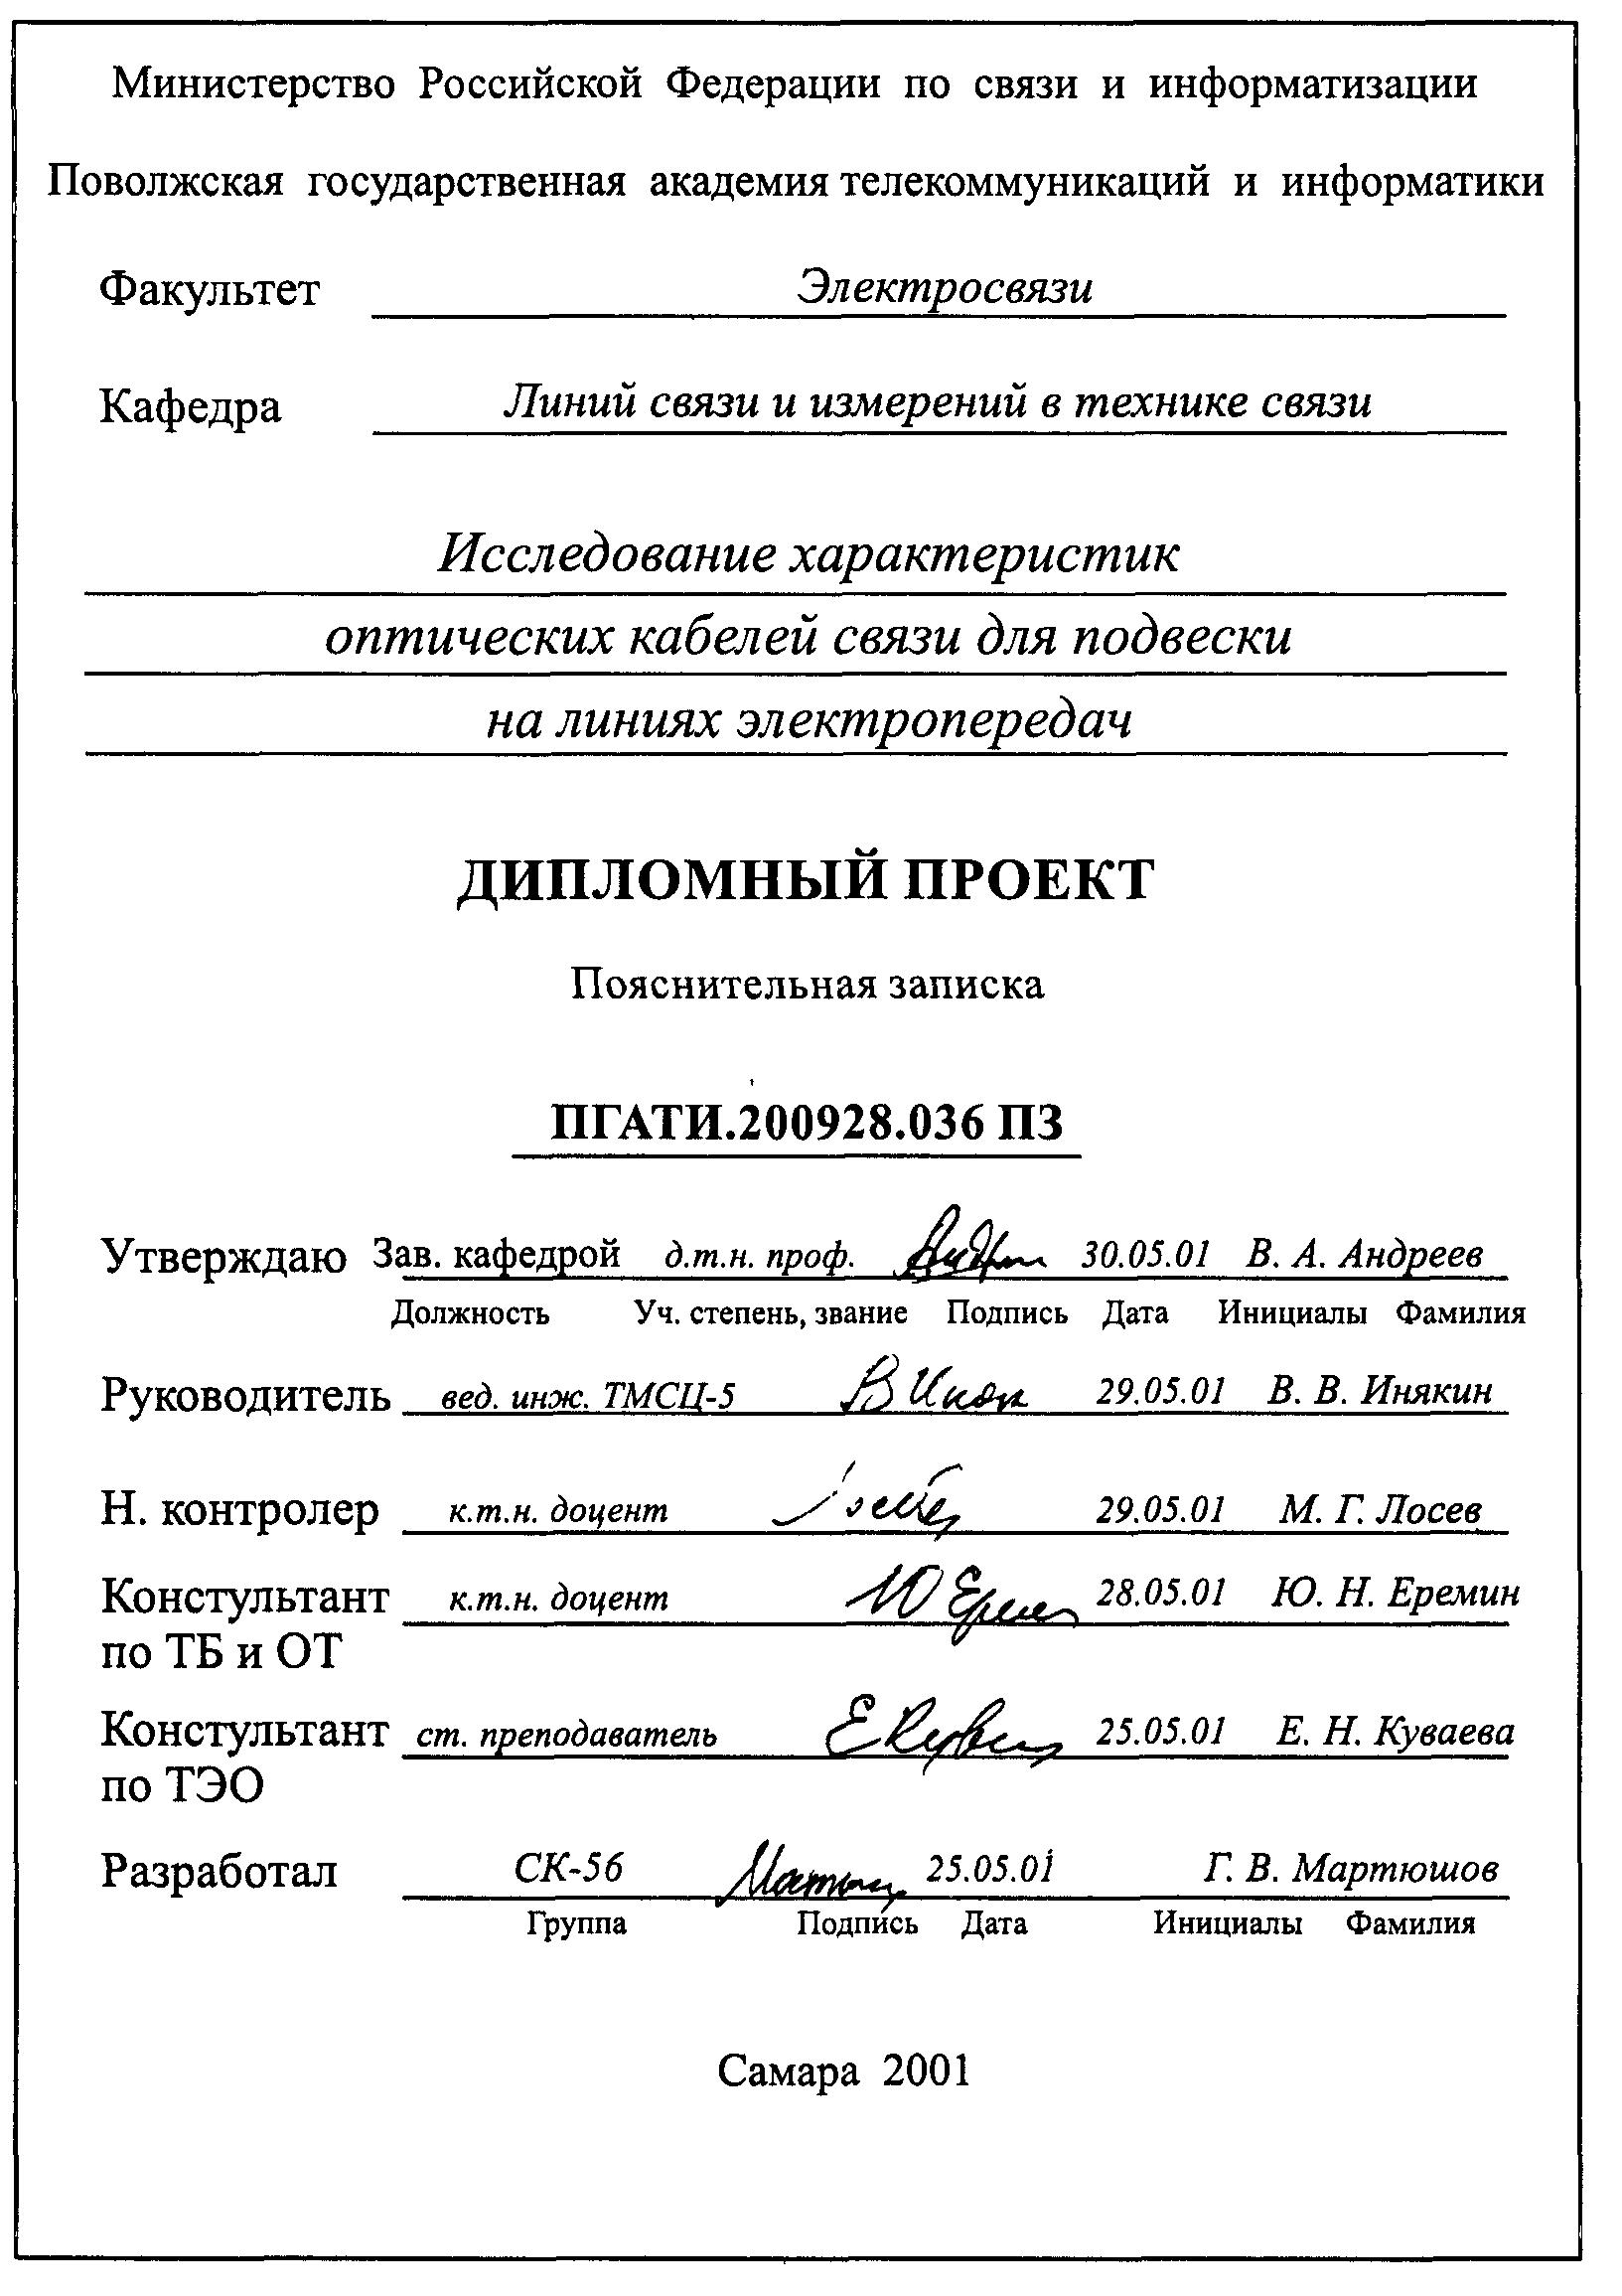 Структурное содержание вкр Рисунок 1 1 Пример оформления титульного листа пояснительной записки ДП